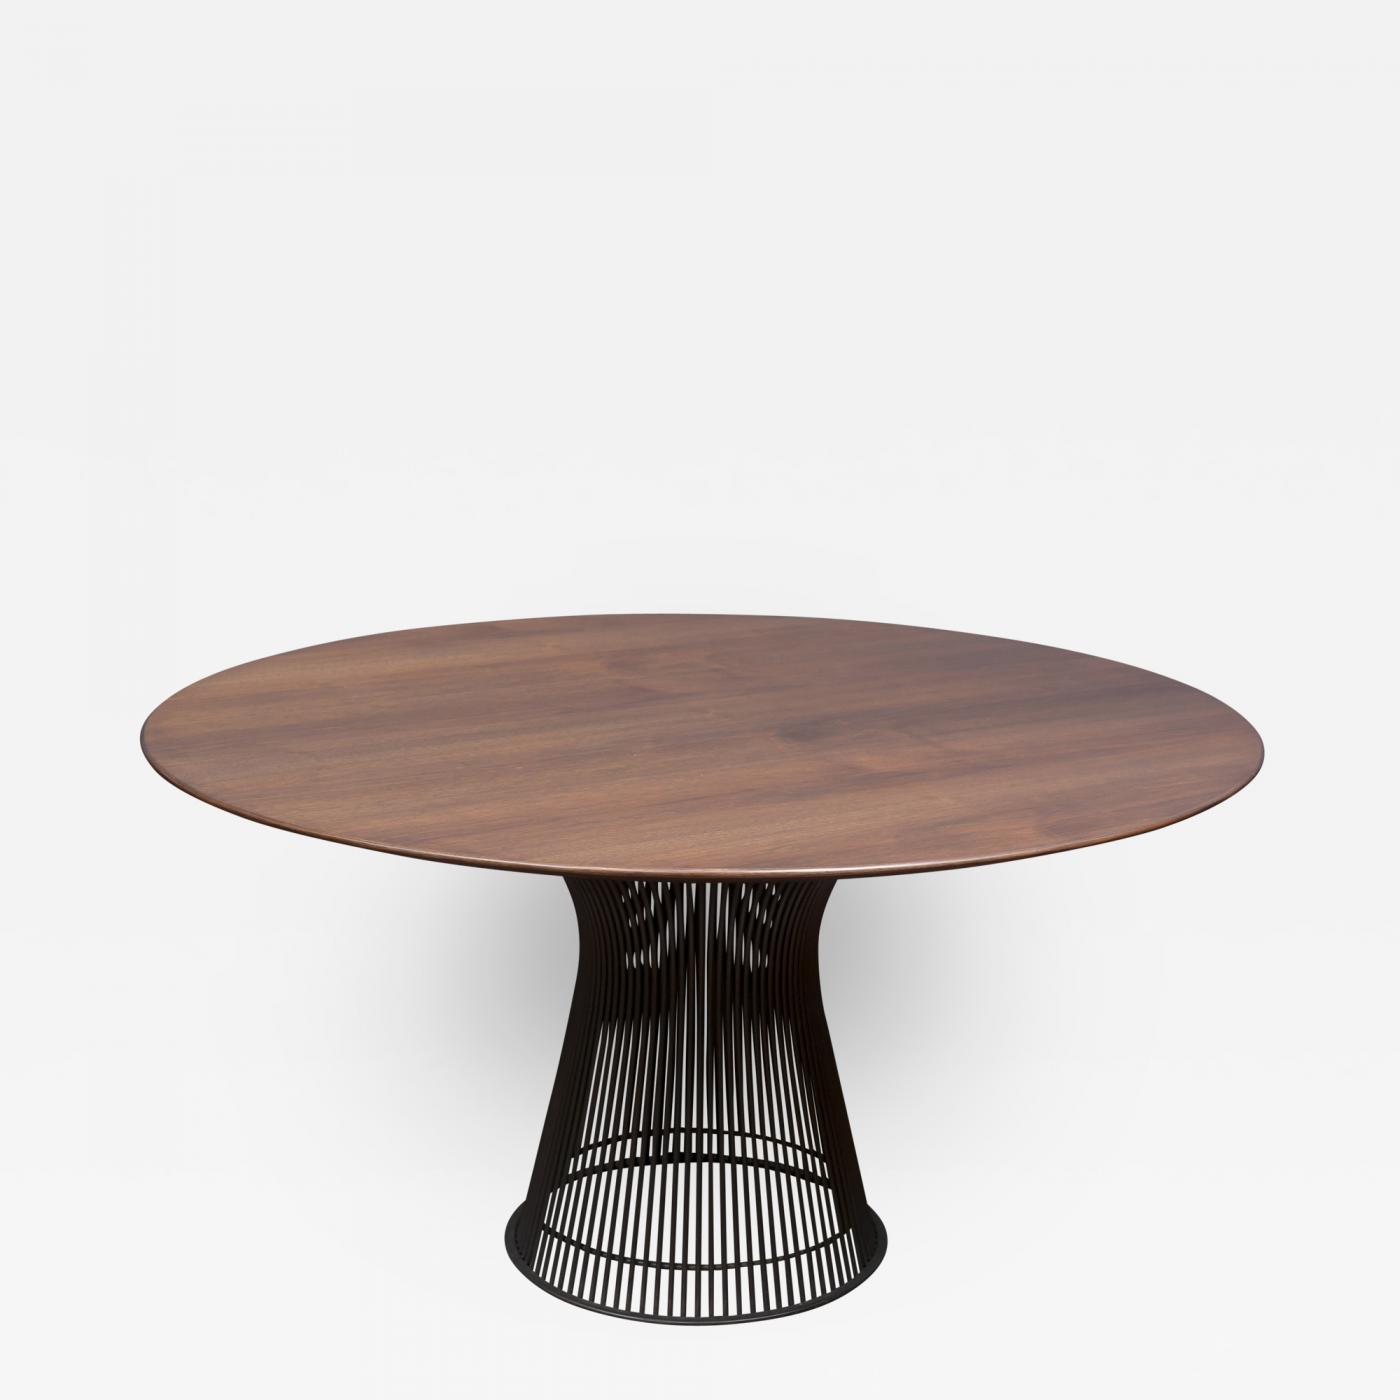 platner furniture. Listings Furniture Tables Center Platner S